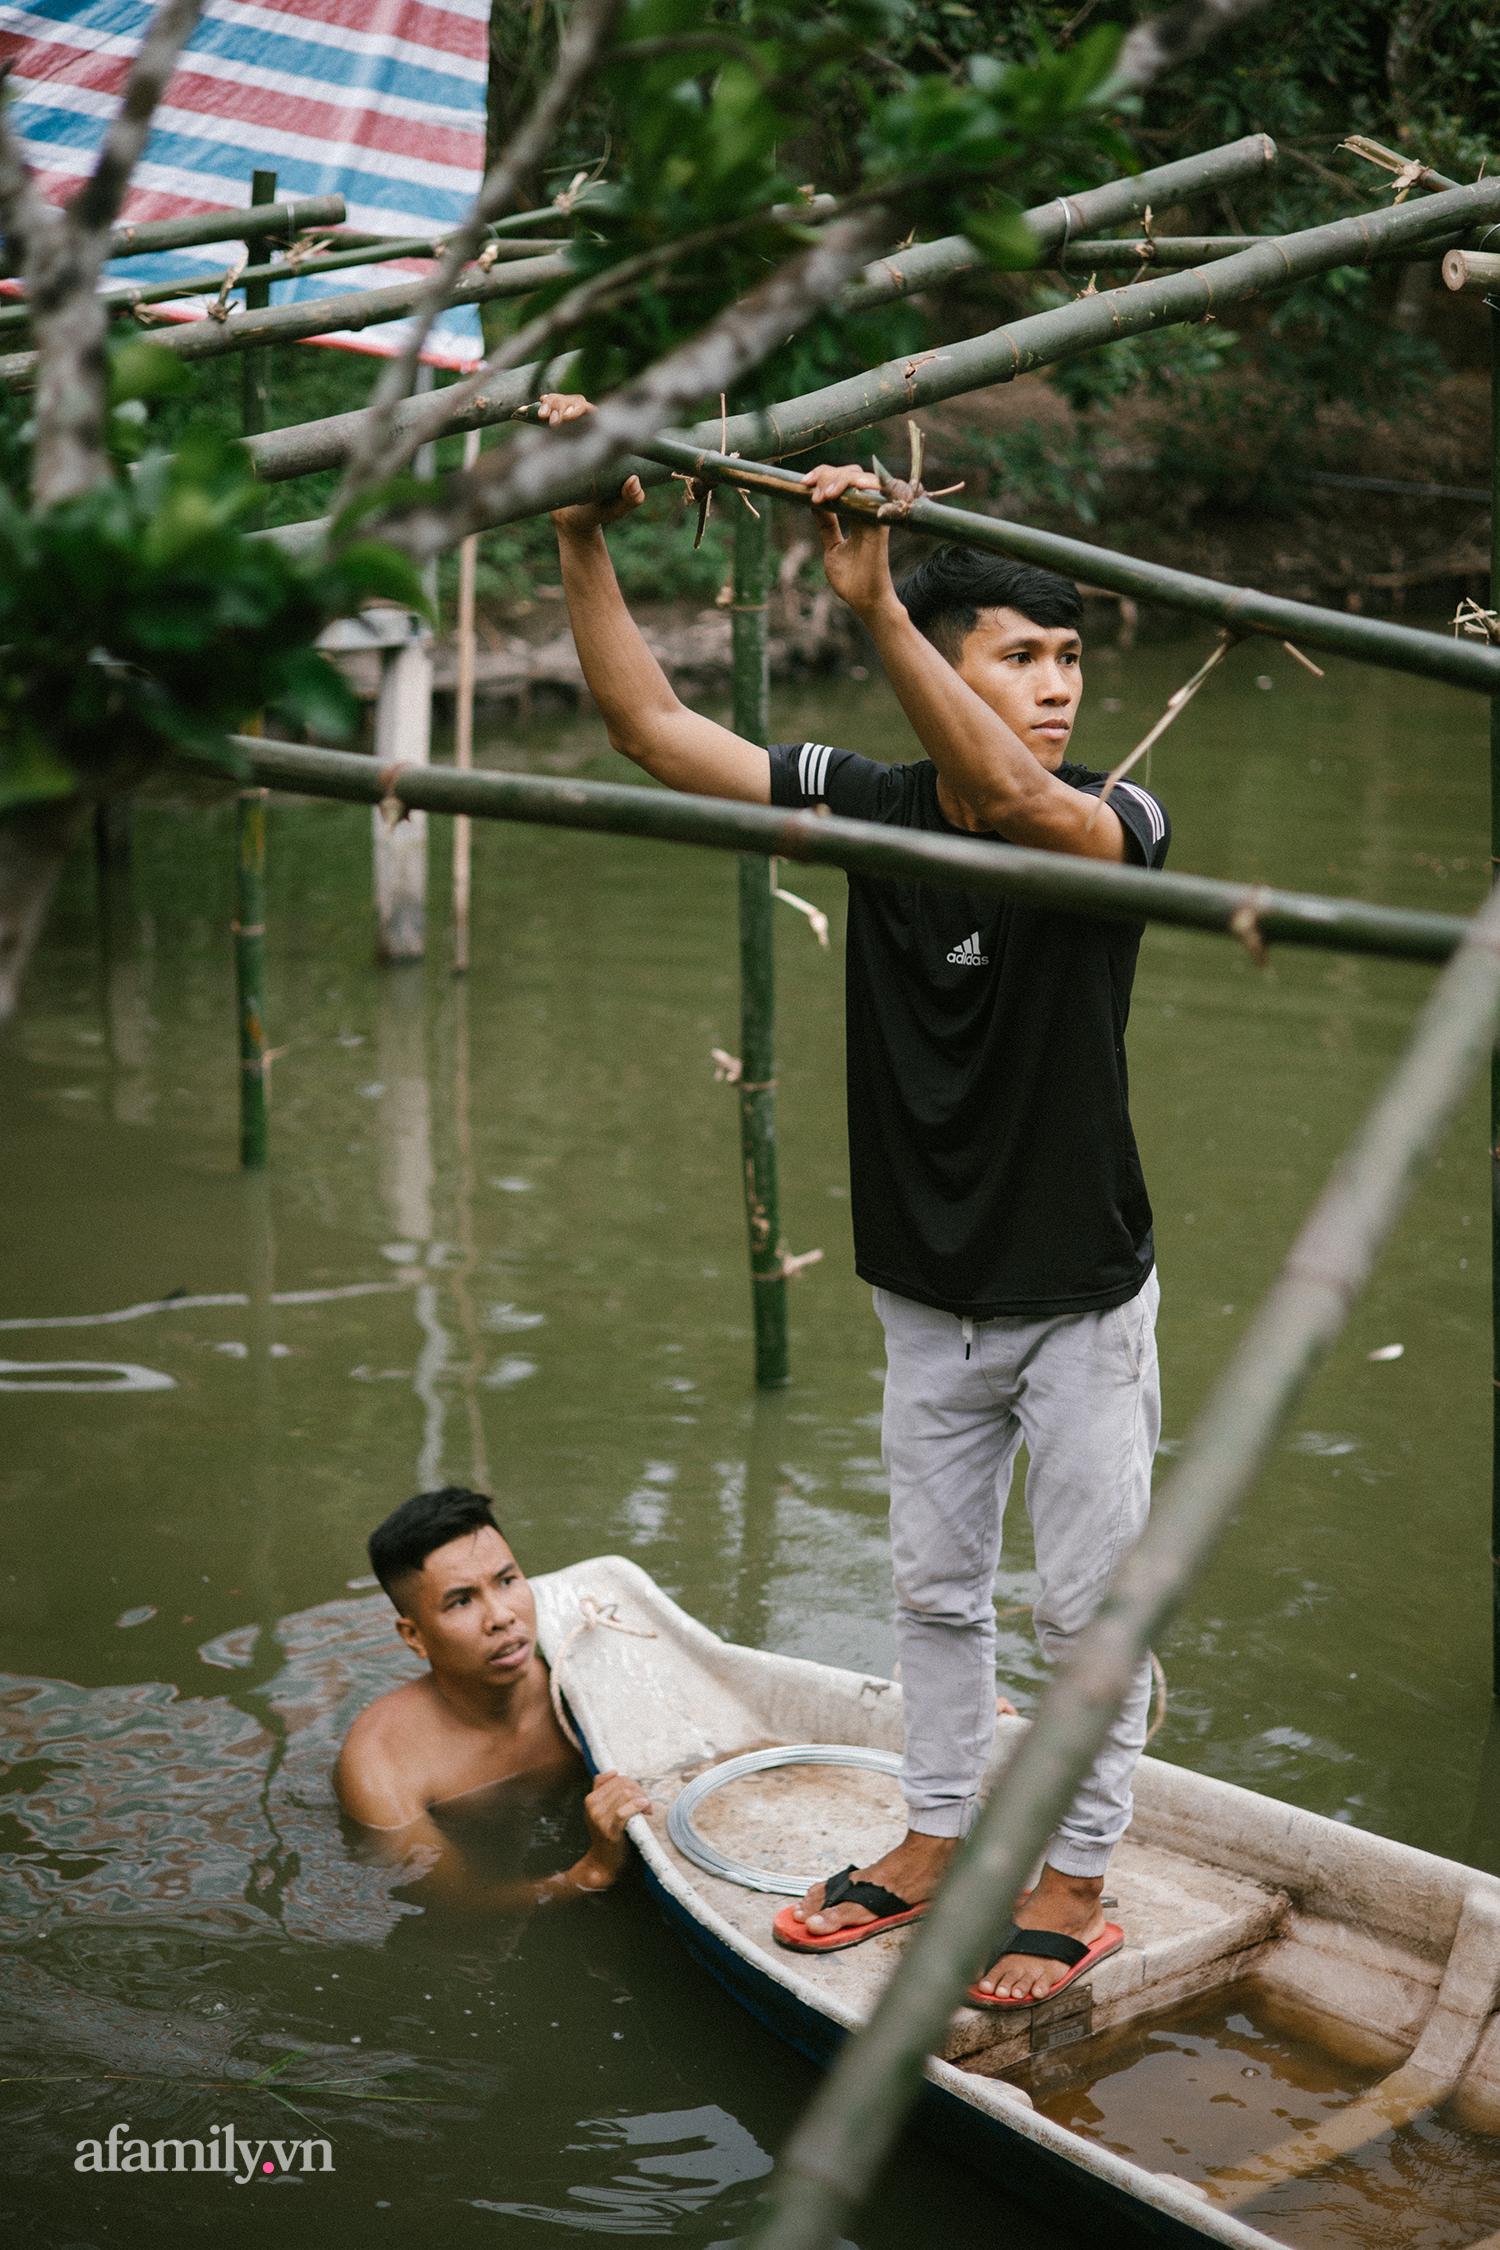 Chui tuốt vô vườn để ăn món GÀ QUAY bằng CHIẾC LU HƠN 100 NĂM tại Cần Thơ, đặc sản nổi tiếng của miền Tây nhưng hot lên tới tận Sài Gòn! - Ảnh 6.